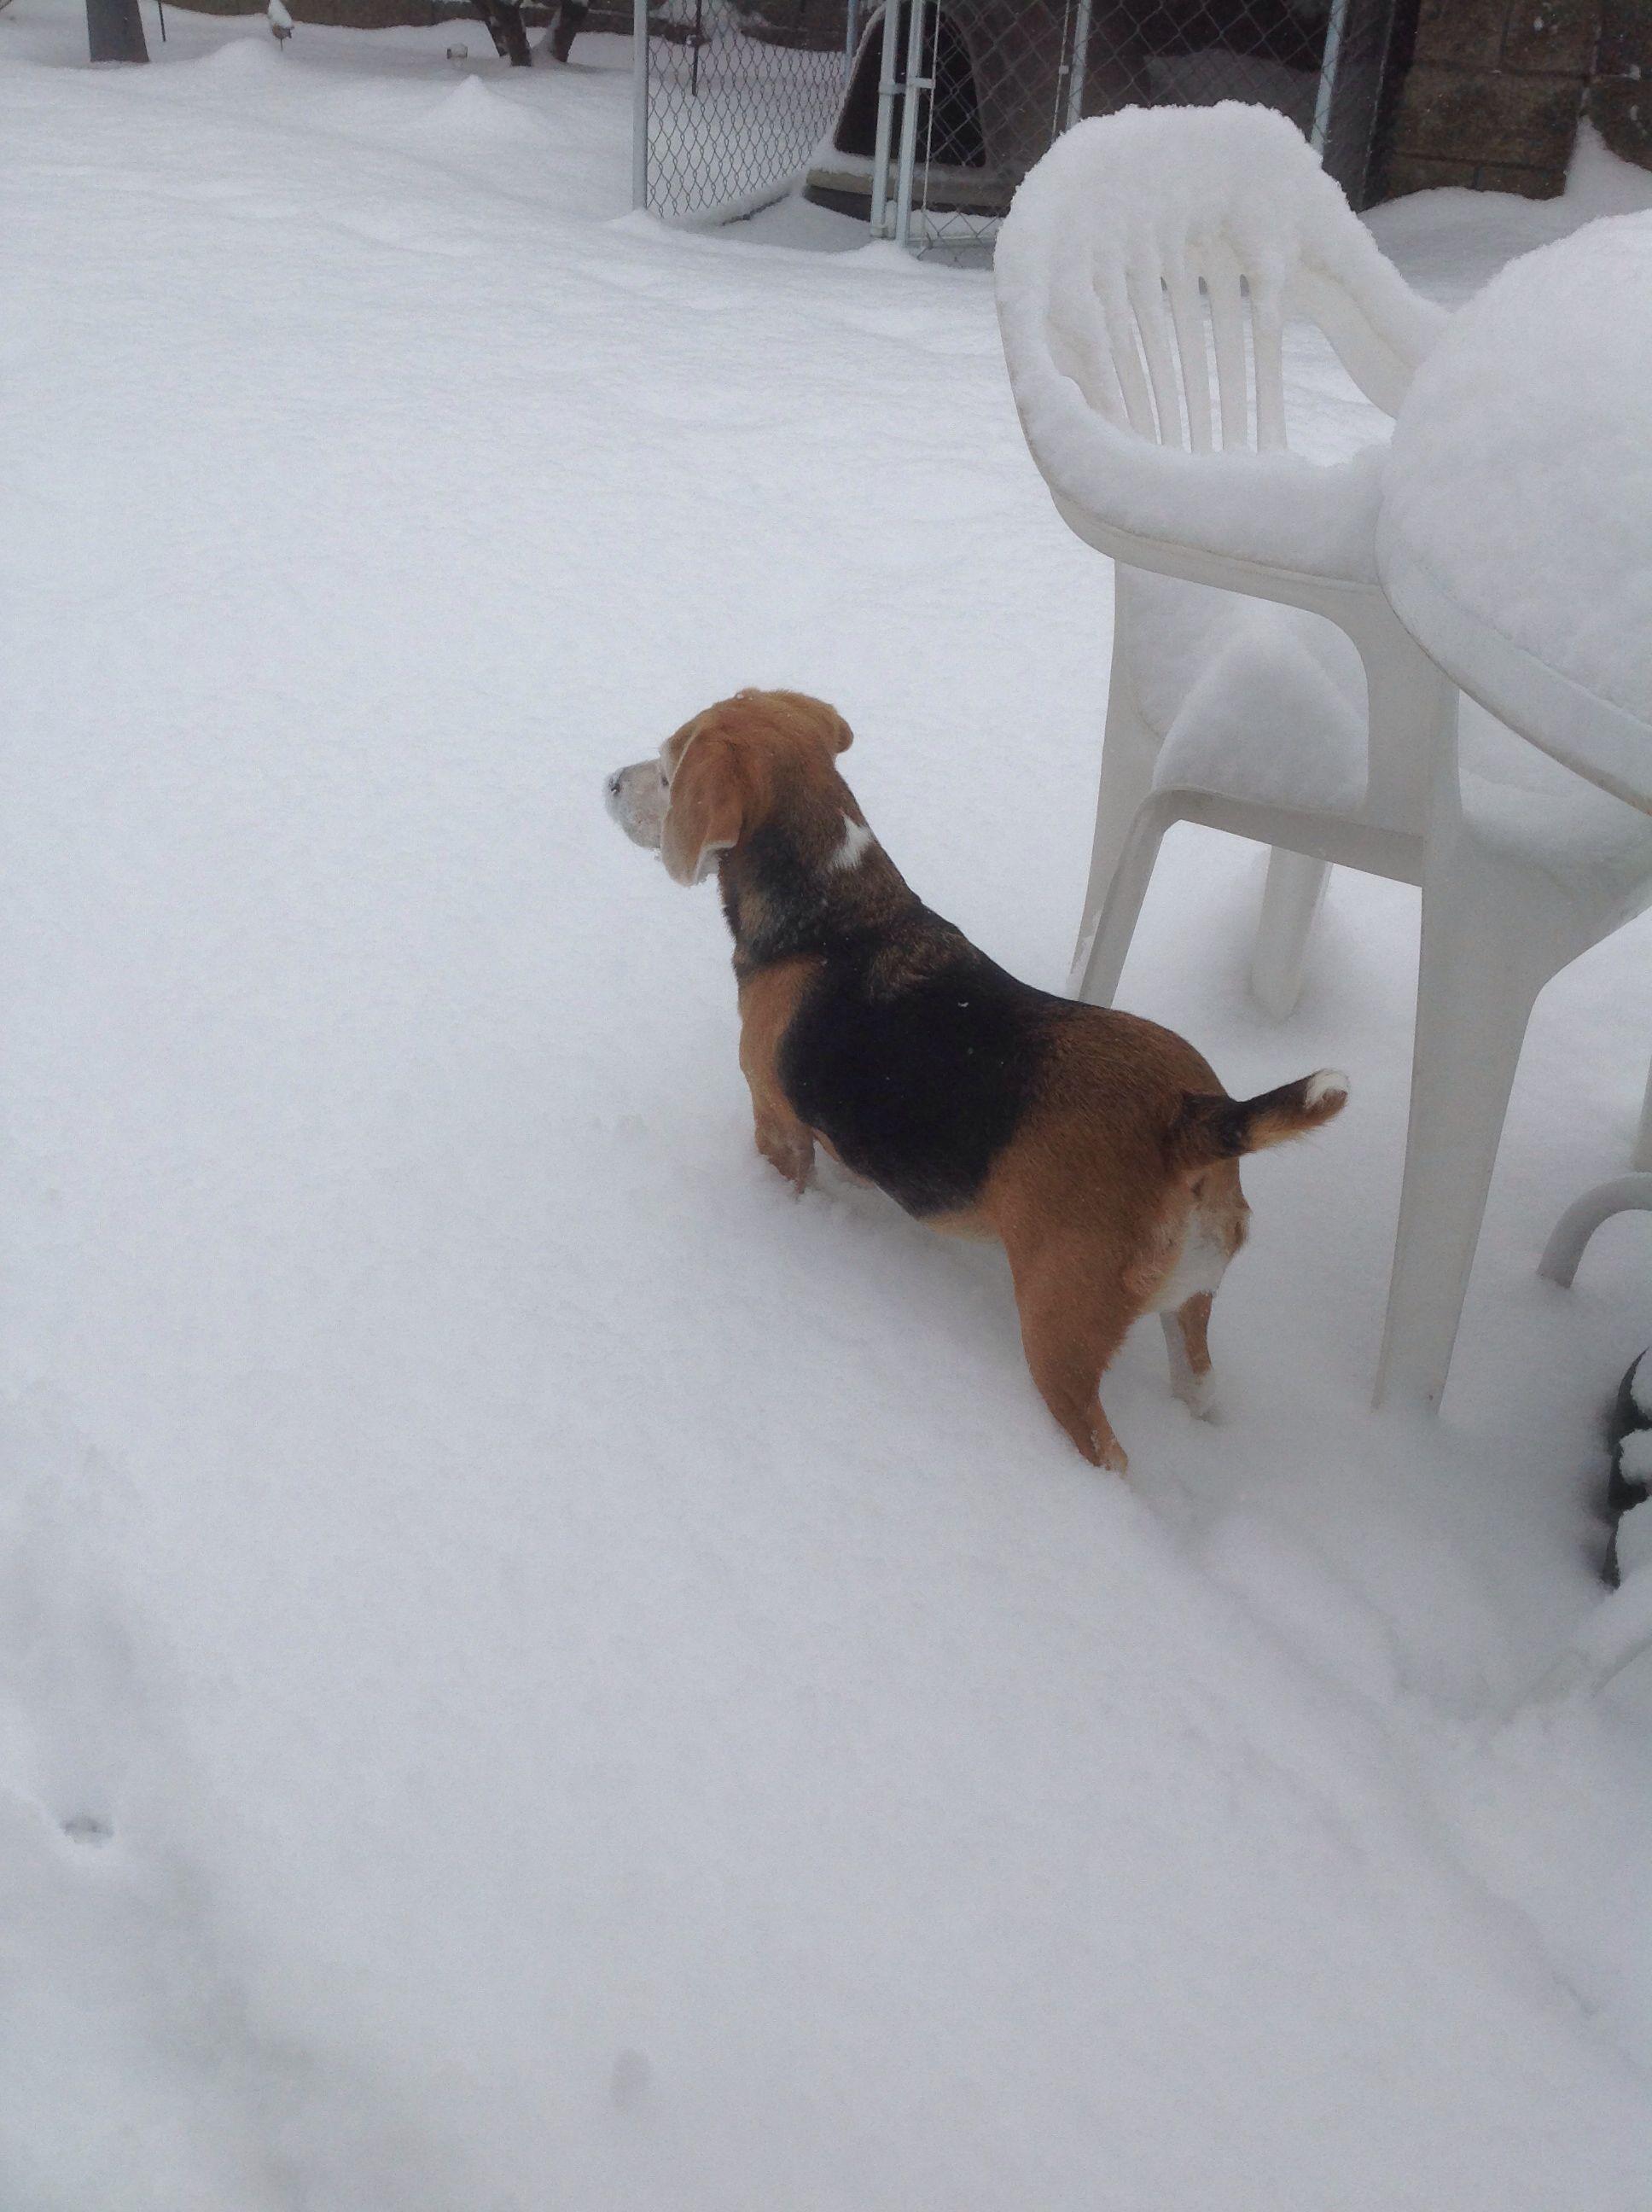 What A Cute Beagle In The Snow Cute Beagles Labrador Retriever